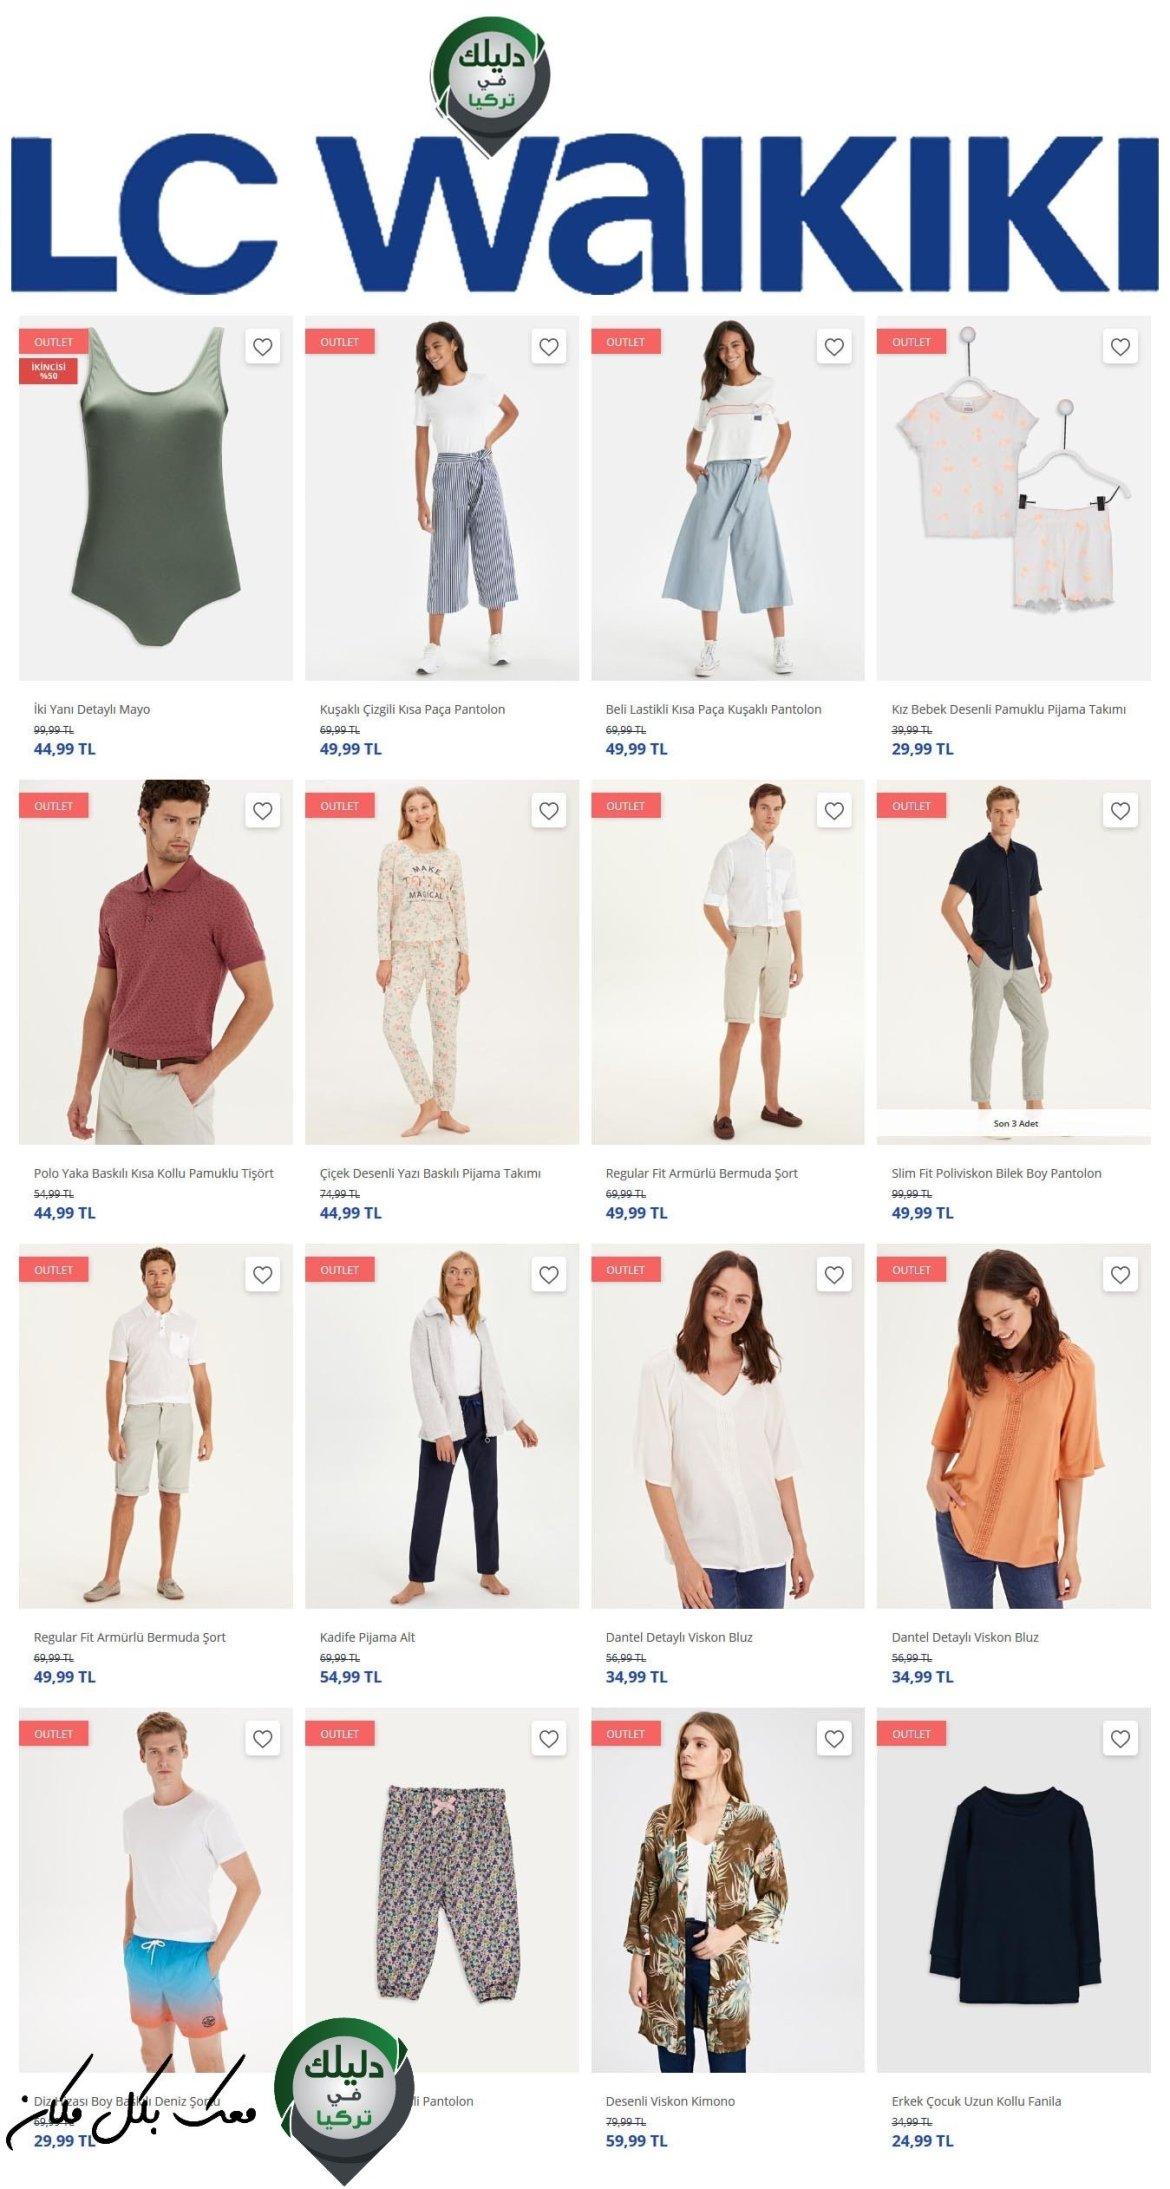 تصفيات مغرية على أسعار الألبسة المنوعة